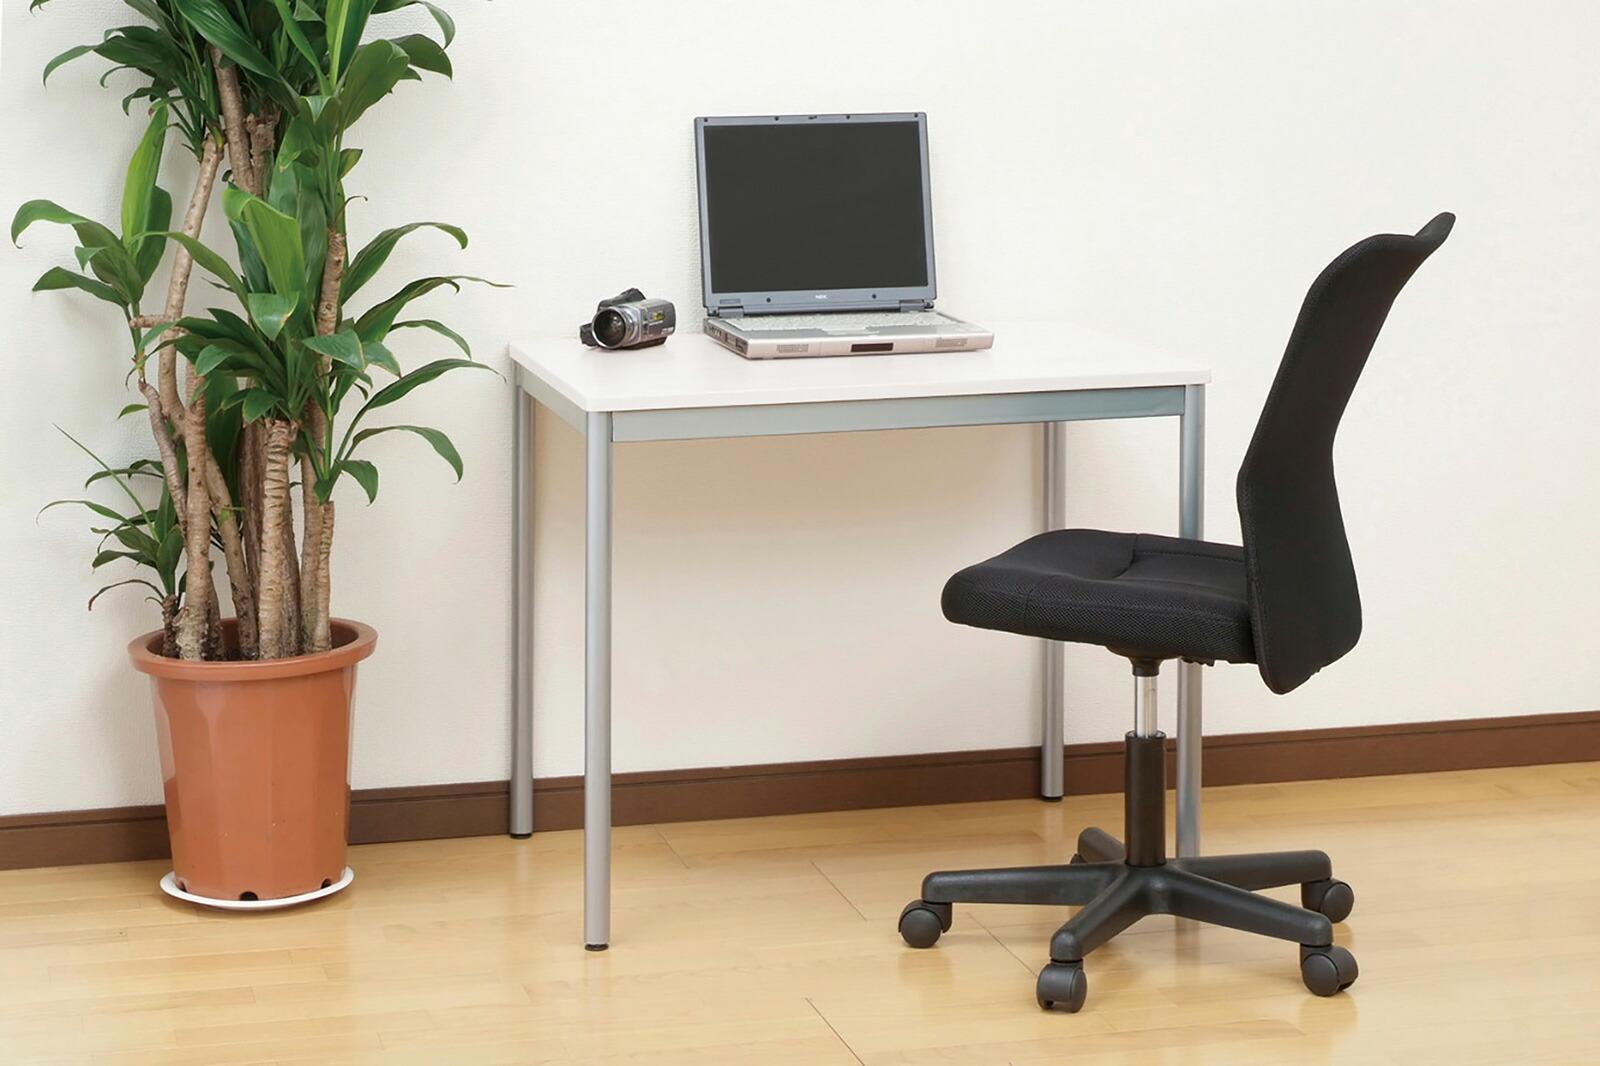 ユニットテーブル ダイニングテーブル ワーキングテーブル ワークデスク HEM-8060W ホワイト